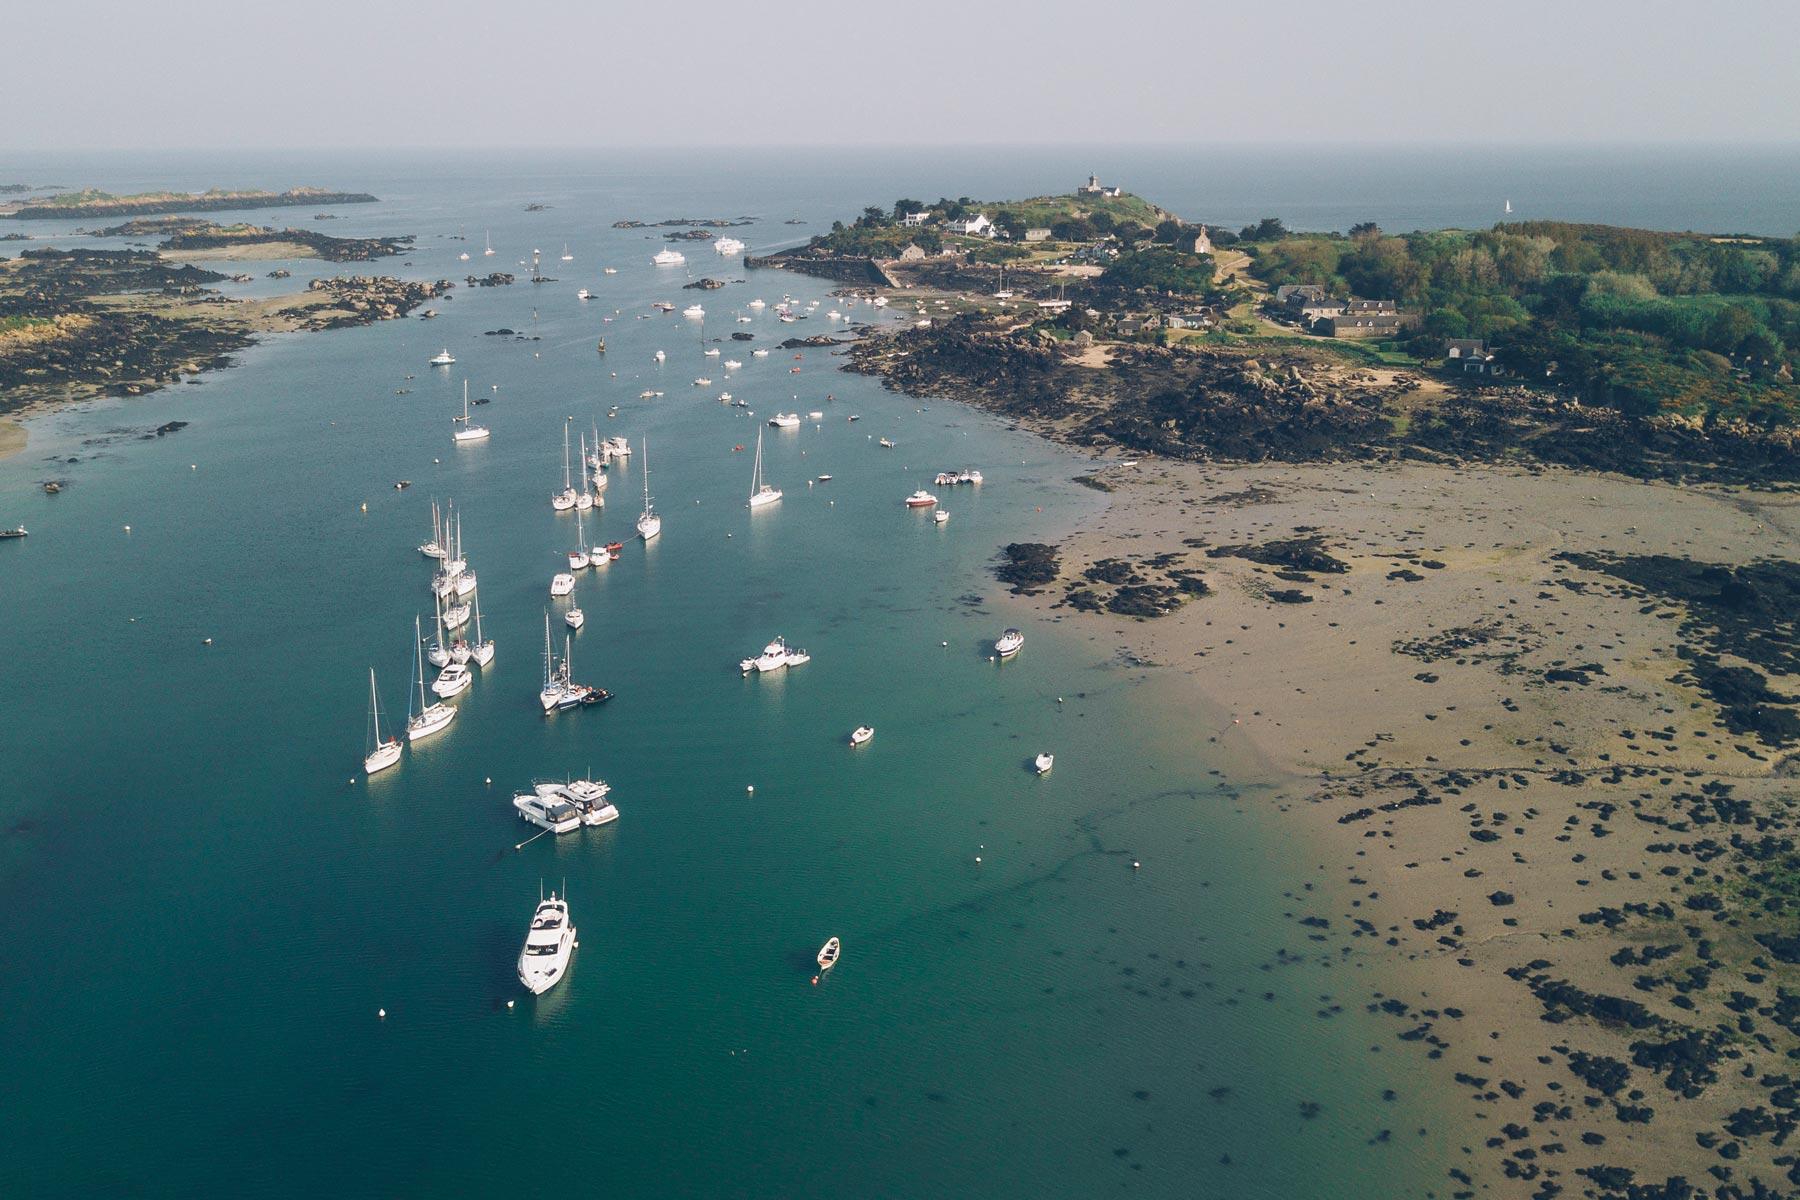 Iles de Chausey